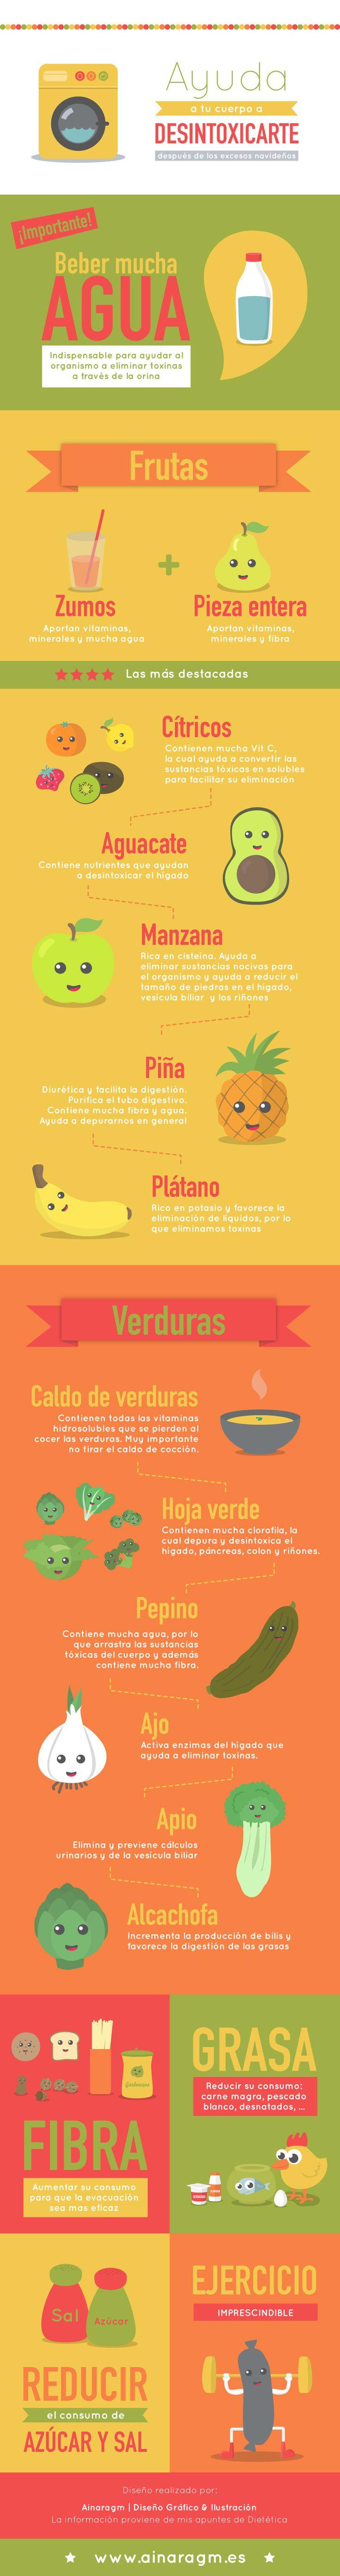 #Infografia sobre una dieta desintoxicante. ¿Qué alimentos ayudan a desintoxicarte después de las navidades?